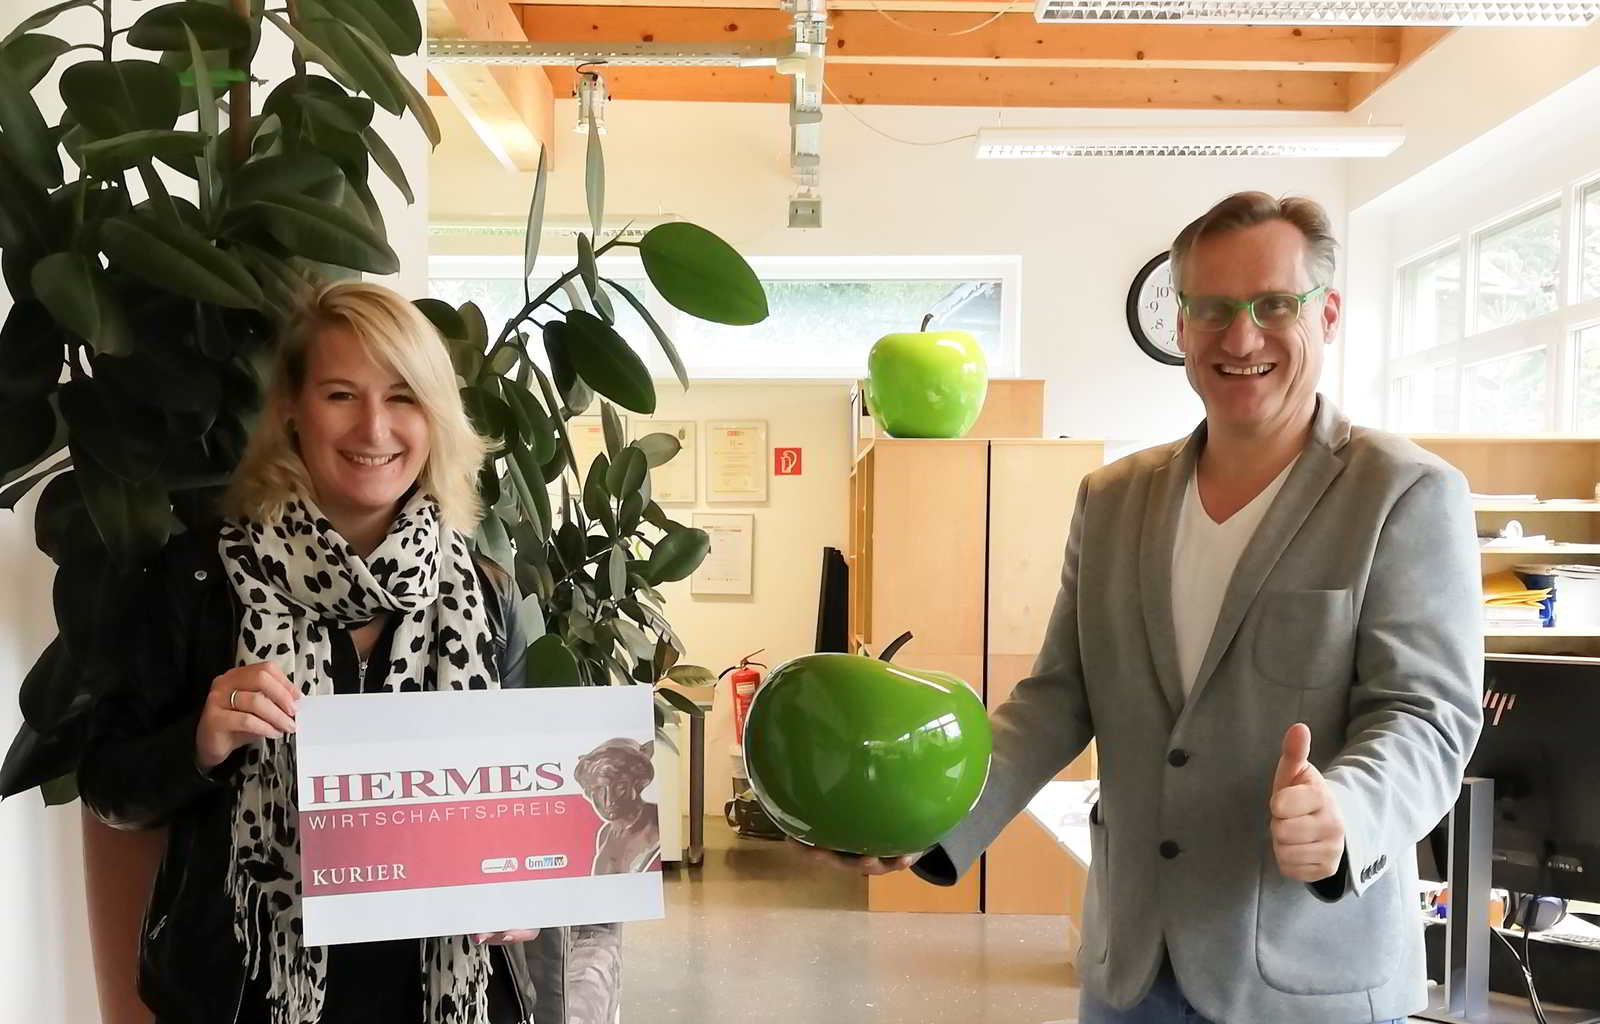 Top Platzierung Für Putz & Stingl Bei HERMES 2020